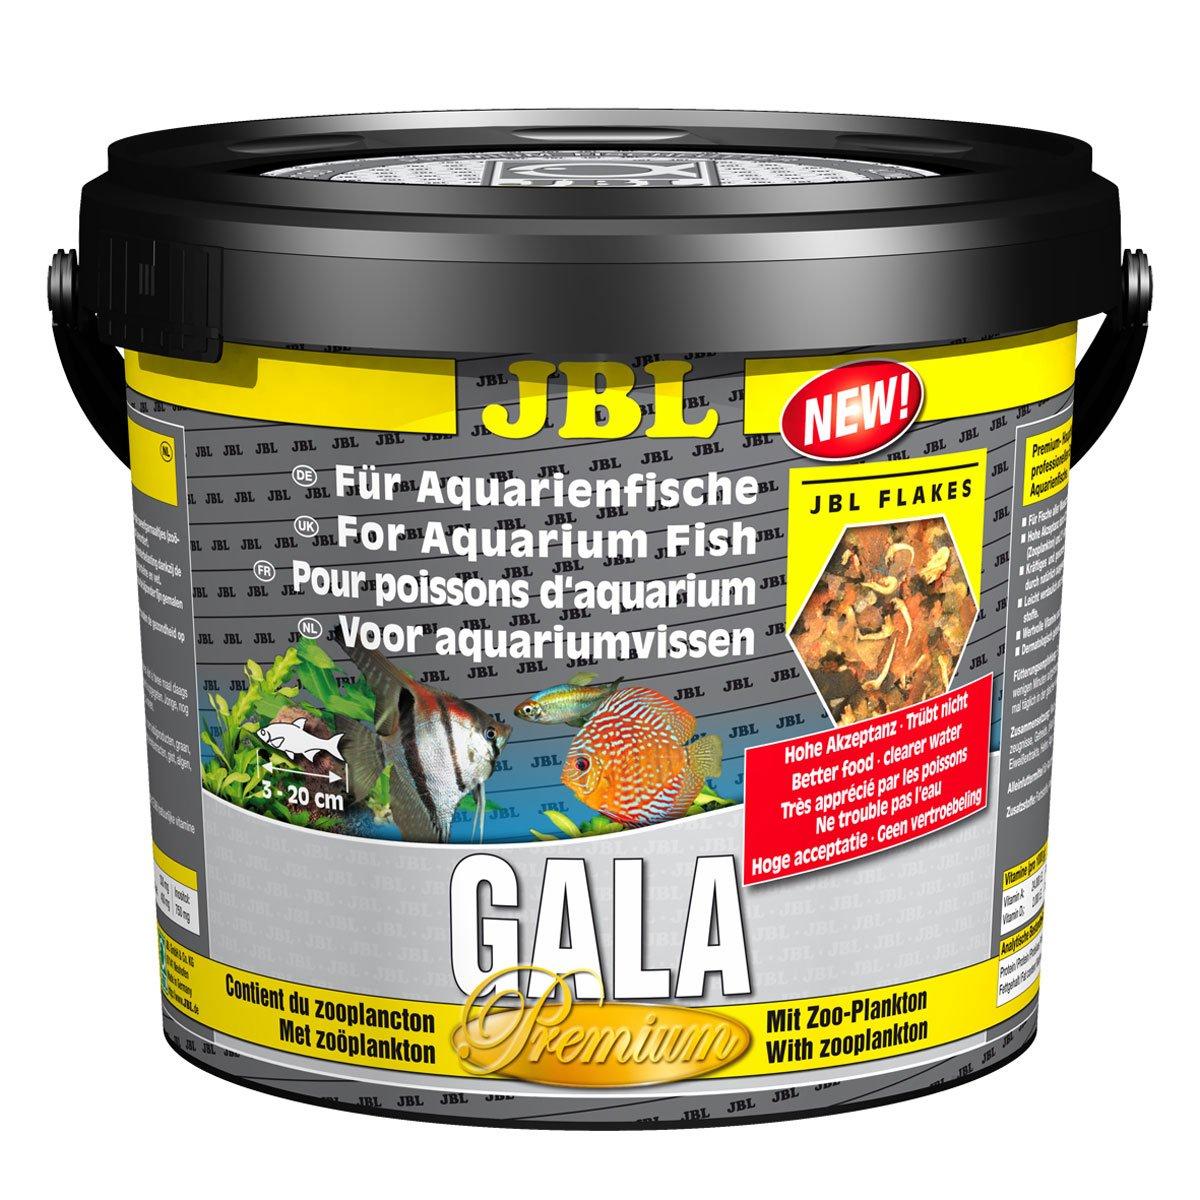 JBL 404270 Gala Alimento Básico para Peces de Acuario, 5.5 l: Amazon.es: Productos para mascotas